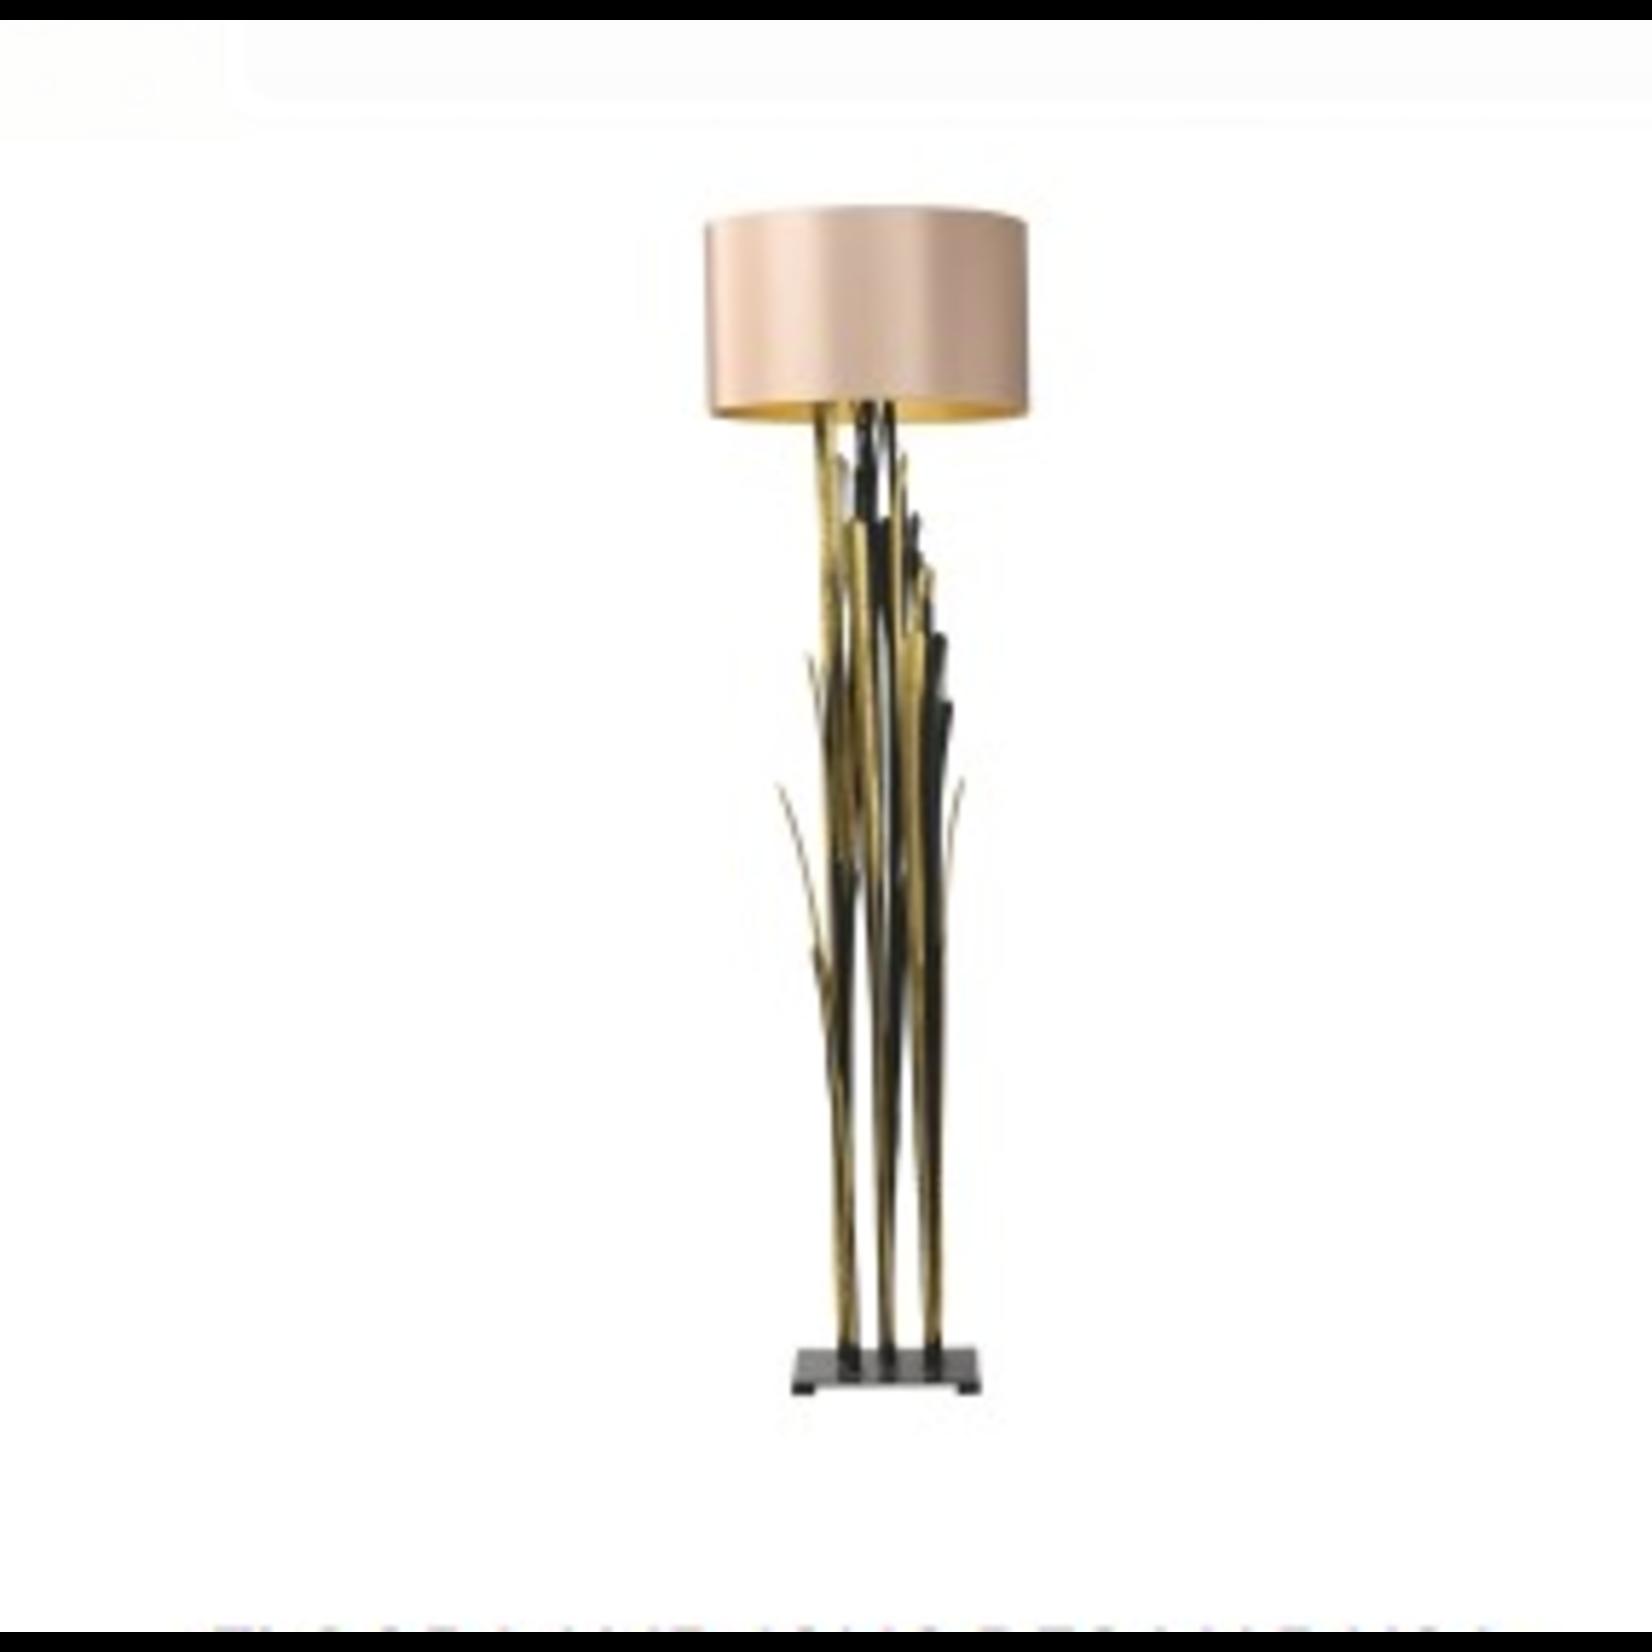 MIS EN DEMEURE FLOOR LAMP JONC DES MARAIS L CE